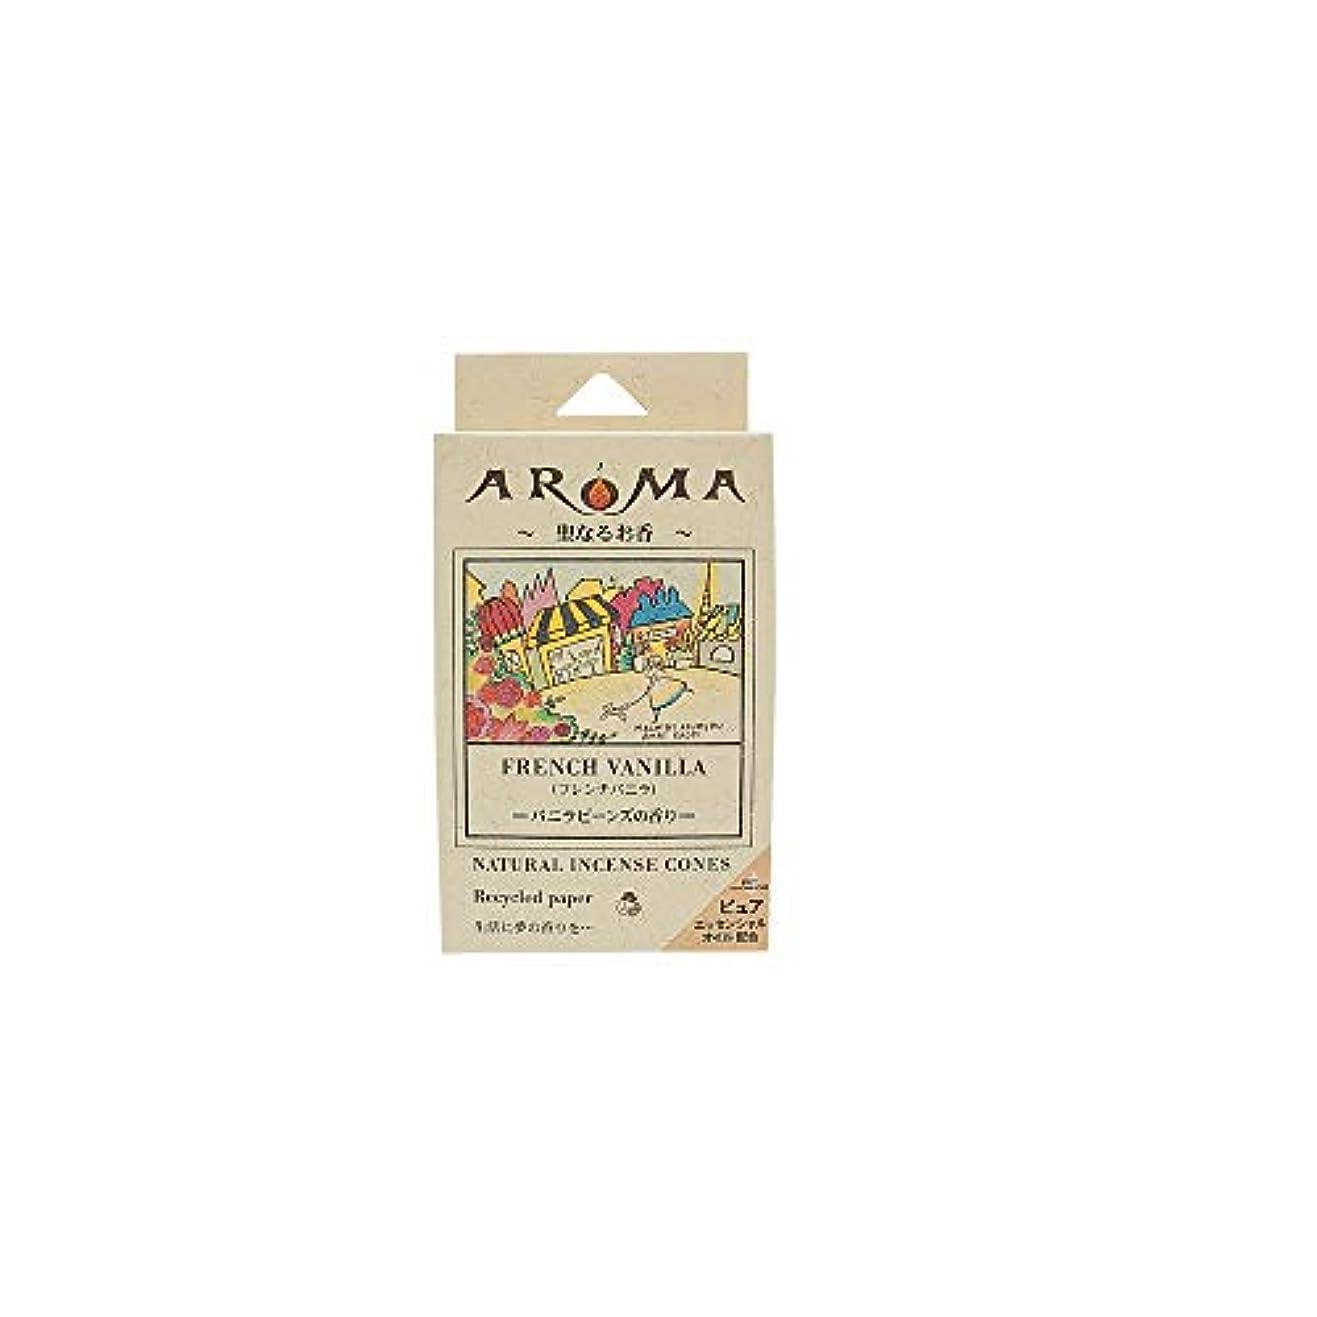 ささいな分類悪化させるアロマ香 フレンチバニラ 16粒(コーンタイプインセンス 1粒の燃焼時間約20分 バニラビーンズの香り)